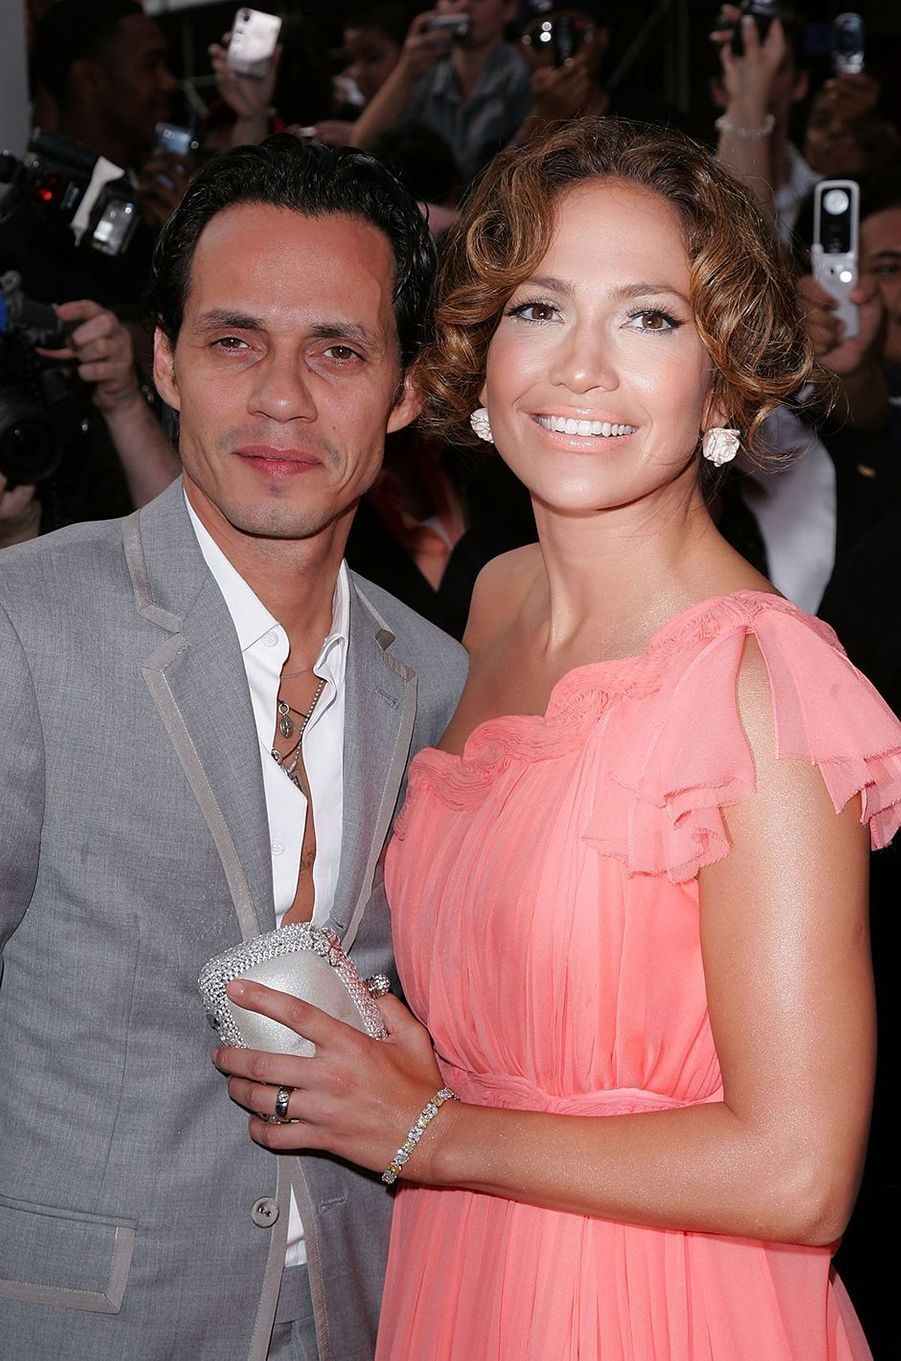 Marc Anthony et Jennifer Lopez à la première du film «El Cantante» à New York en juillet 2007.Le couple a commencé à se fréquenter en 2004, s'est marié la même année, et a rompu en 2011. Le divorce a été officialisé en 2014.